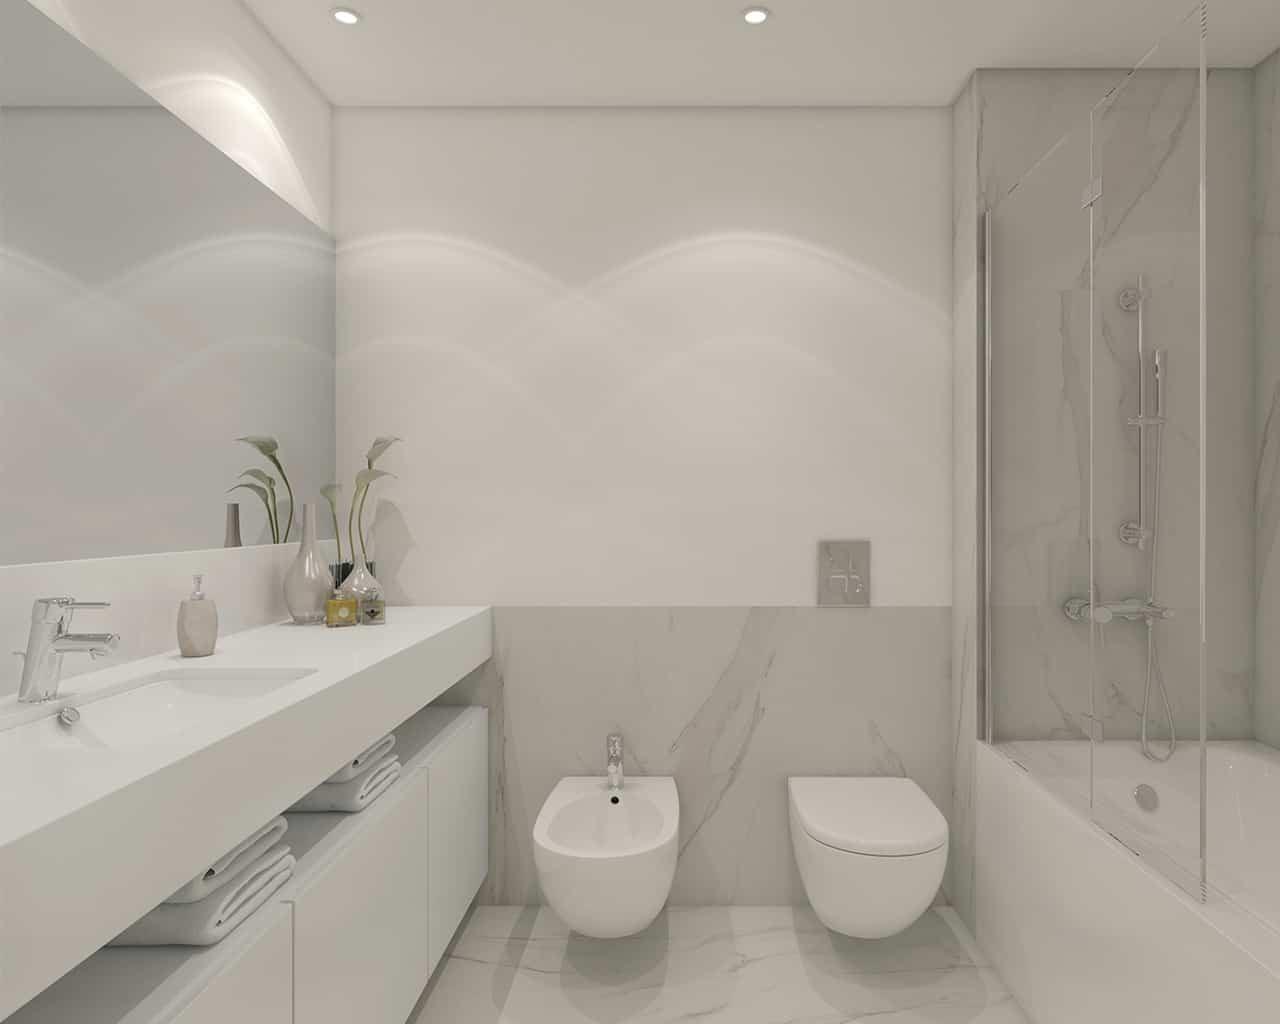 areeiro-prime-salle de bain-urban-classic